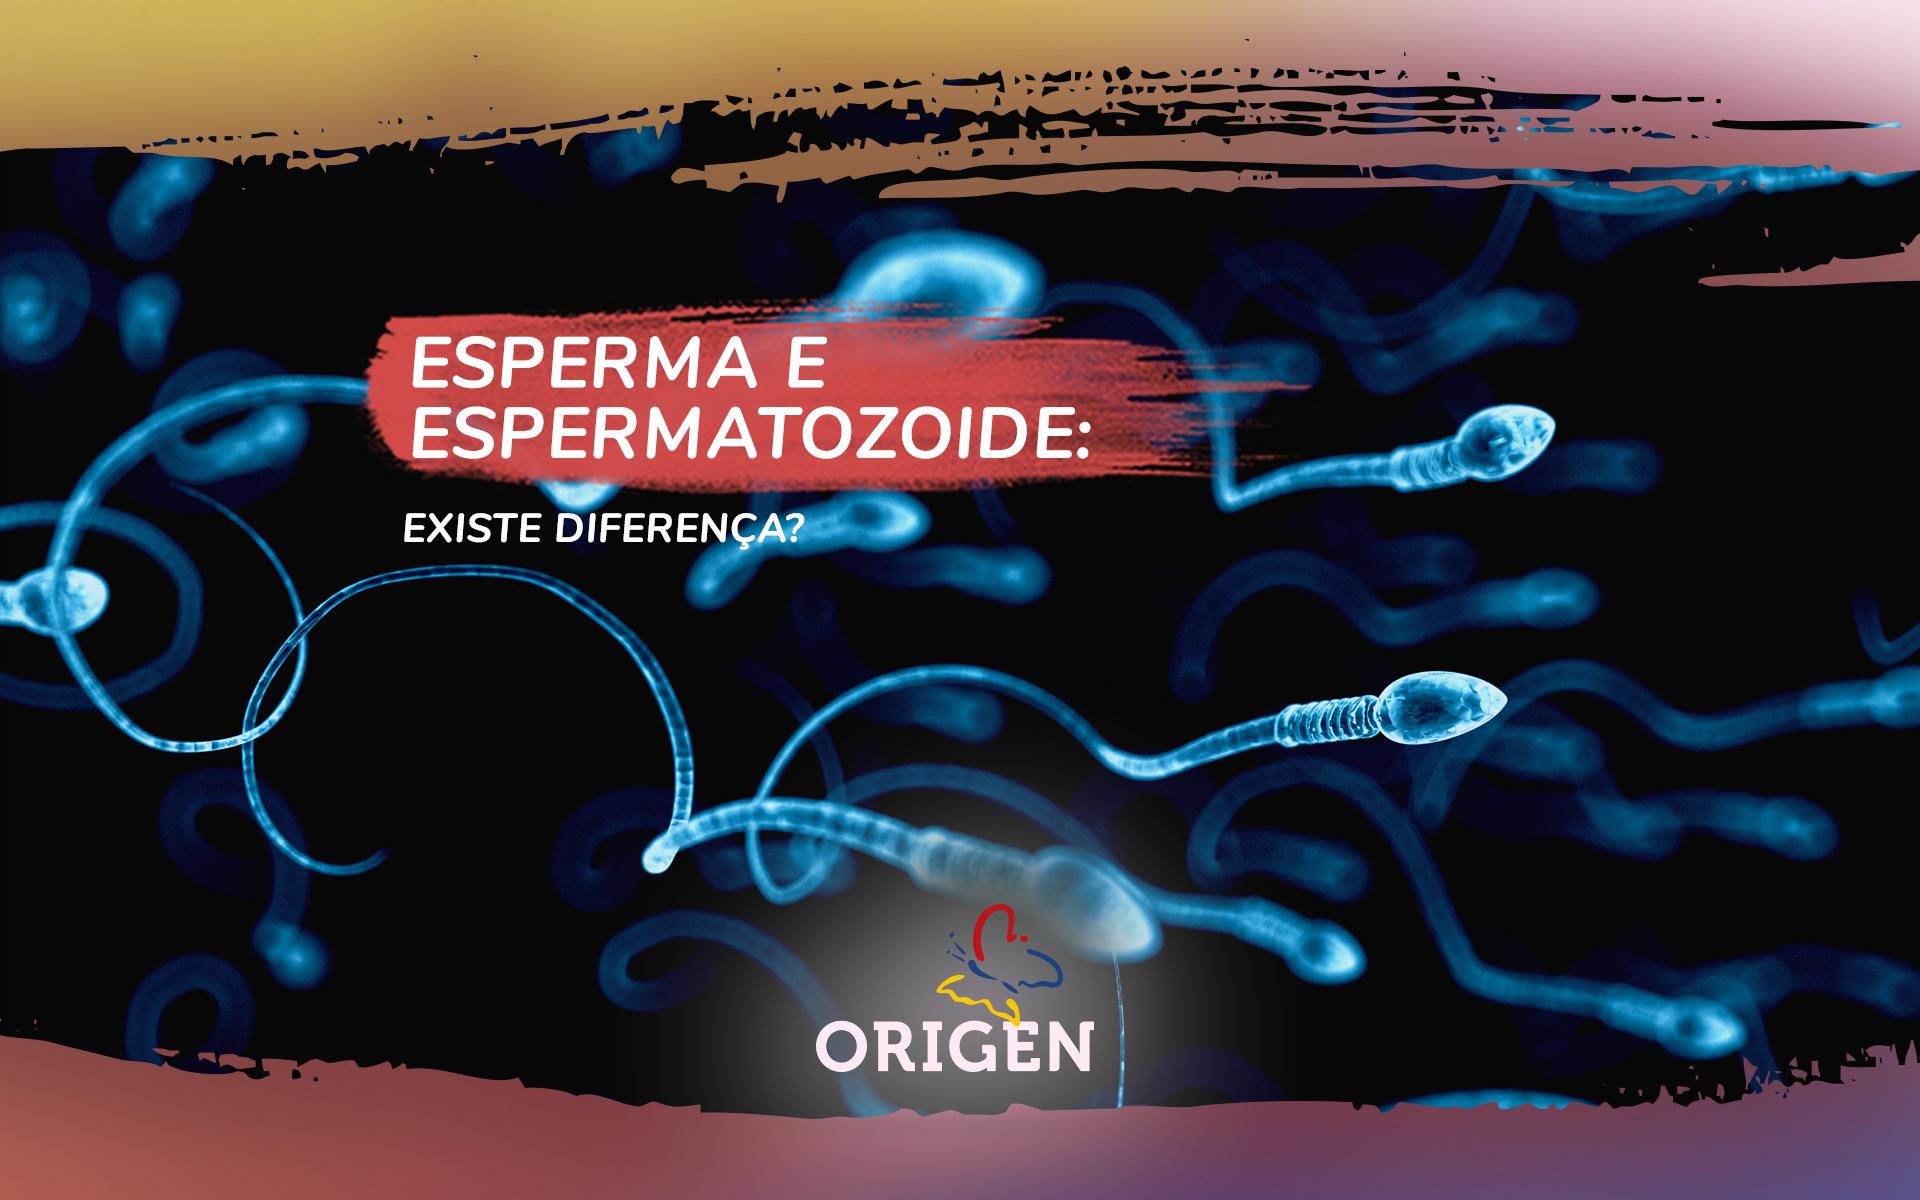 Esperma e espermatozoide: existe diferença?